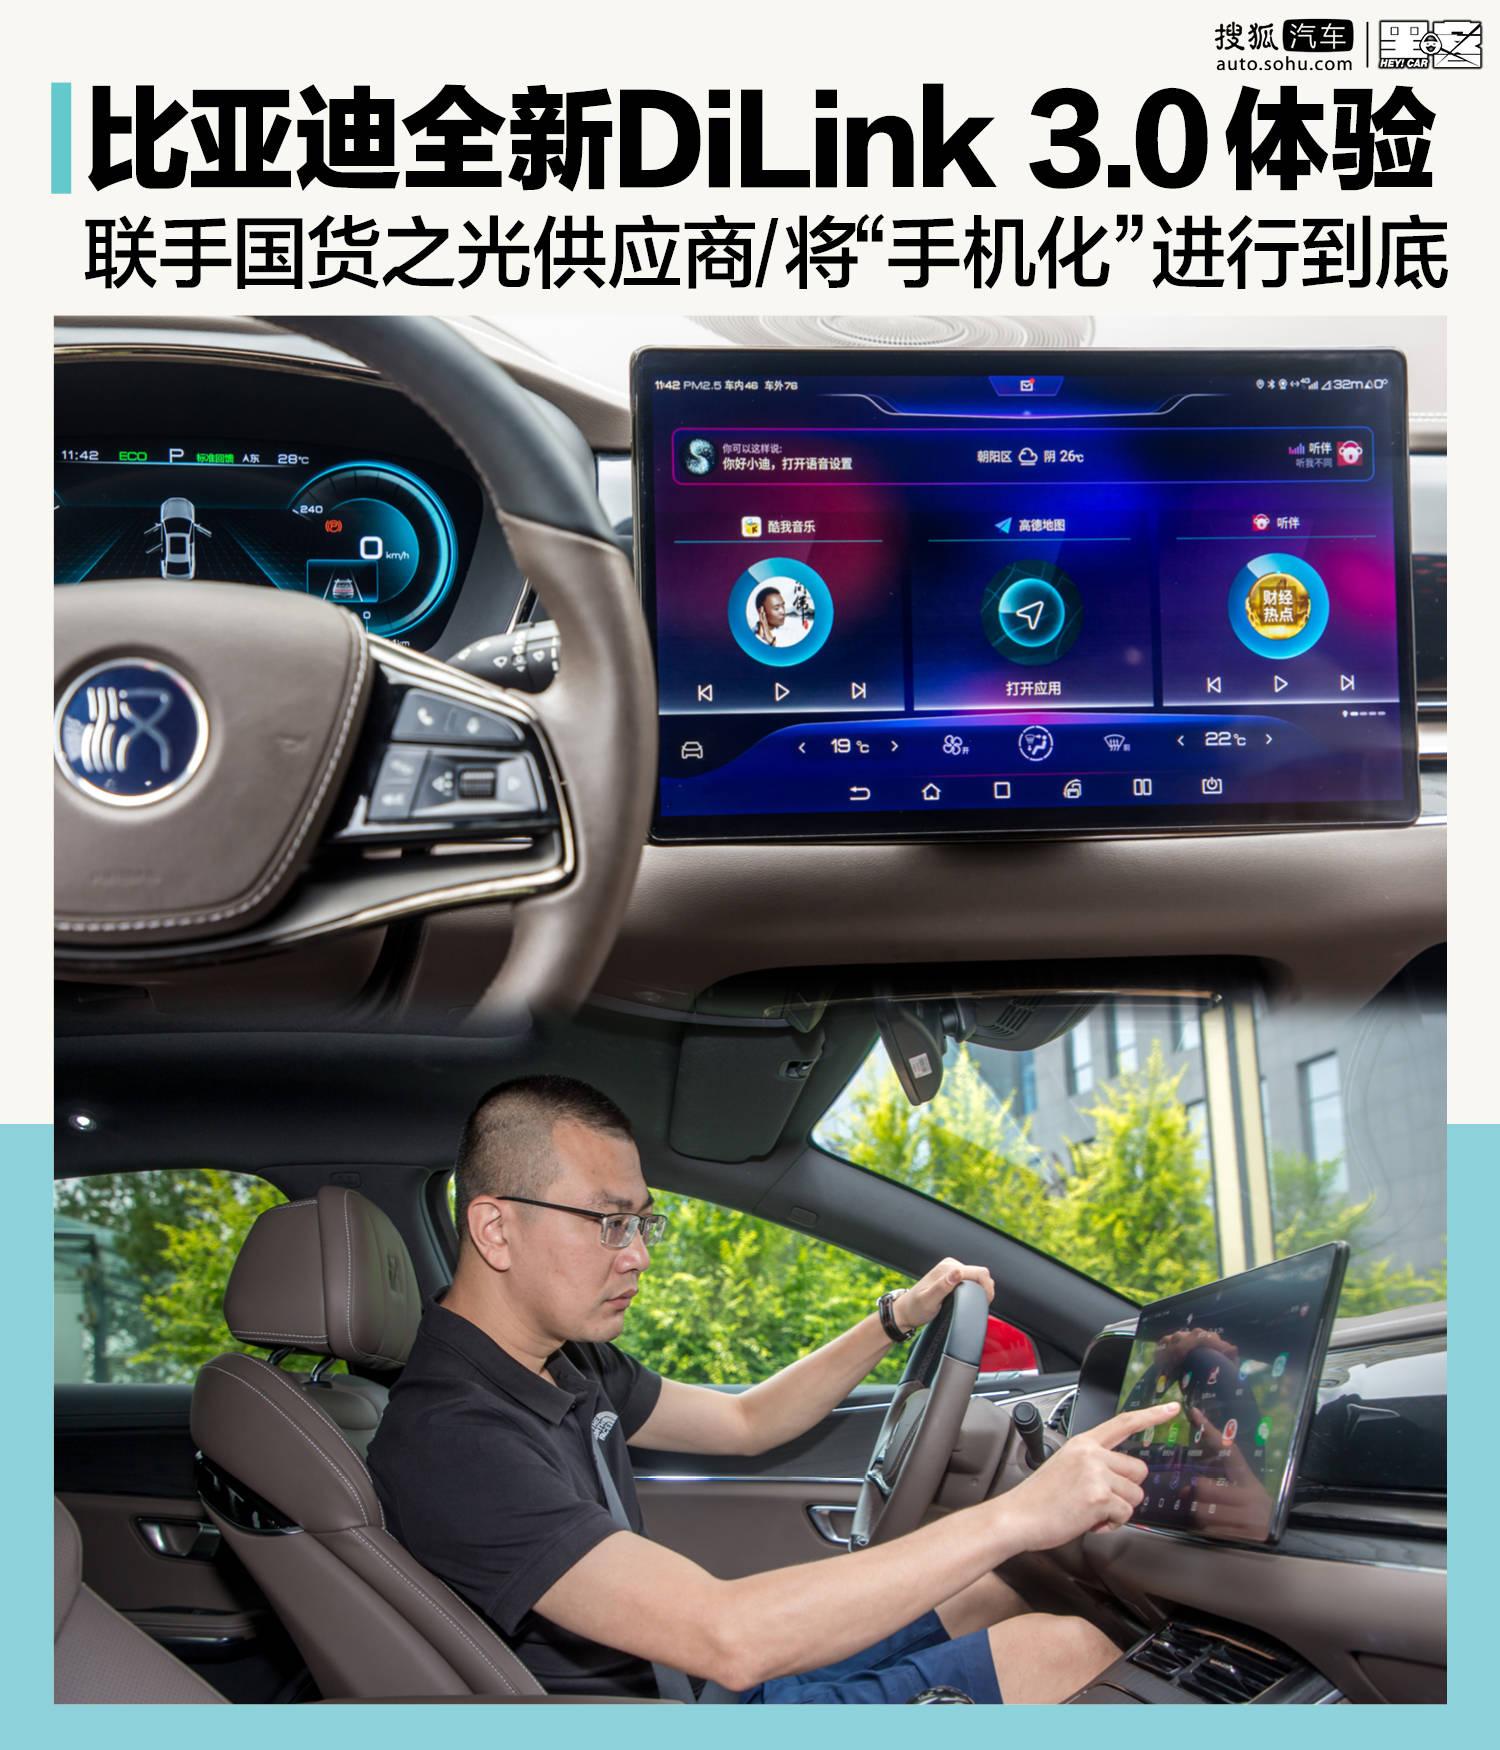 """原比亚迪新的DiLink 3.0体验一次升级就汇聚了这么多""""国货之光""""供应商?"""